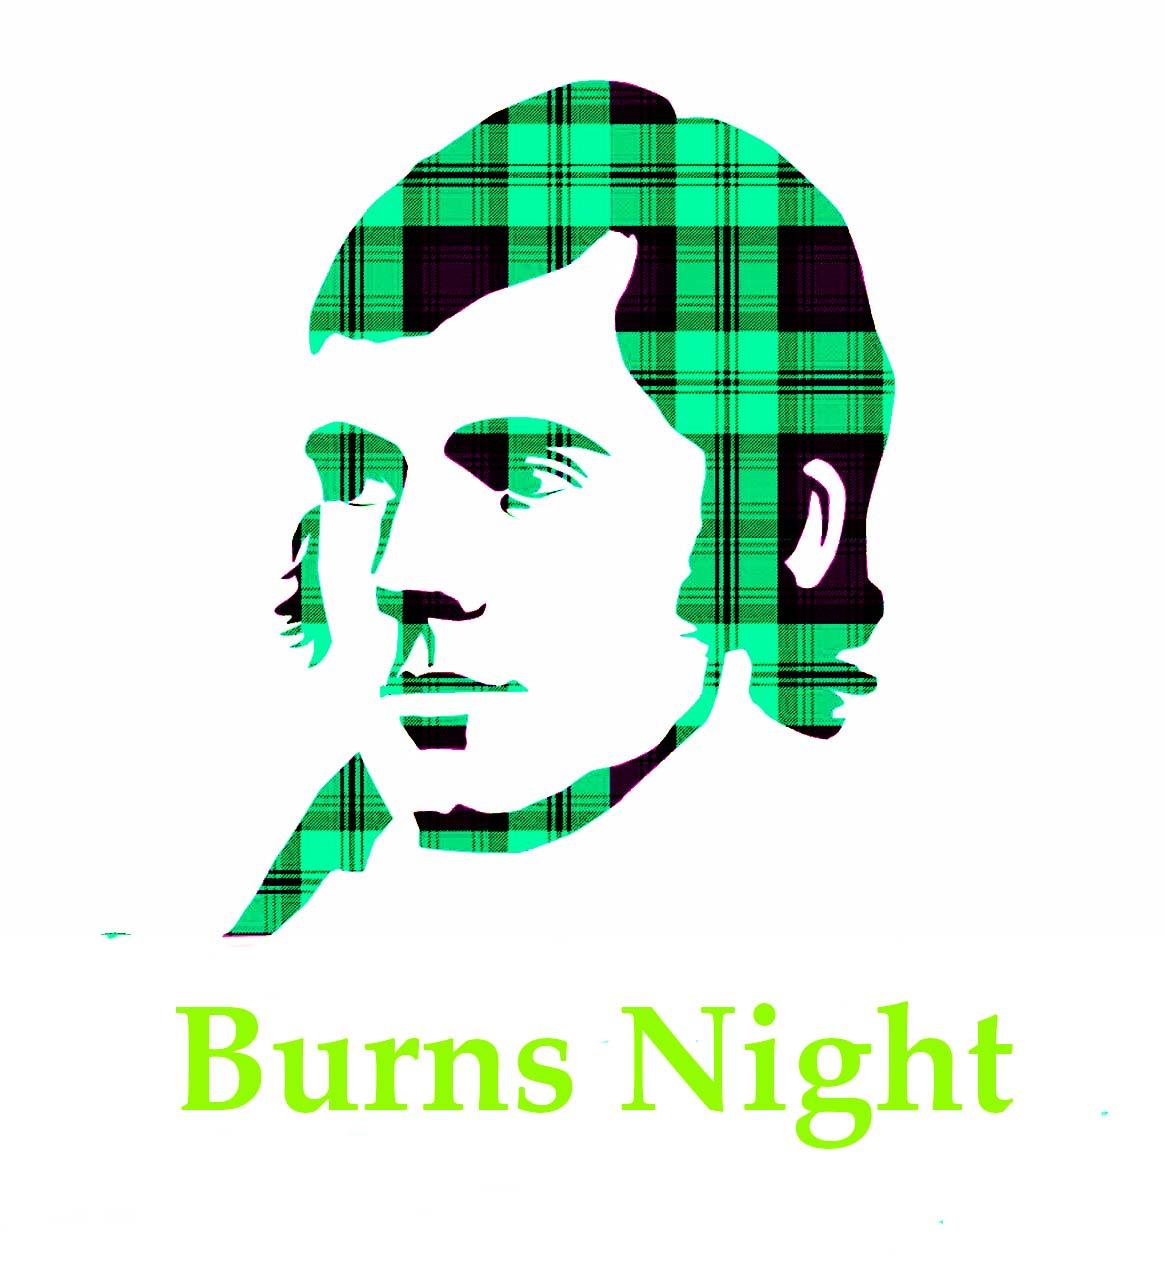 Burns Night – Happy Burns Night 2020 (25 Januray)